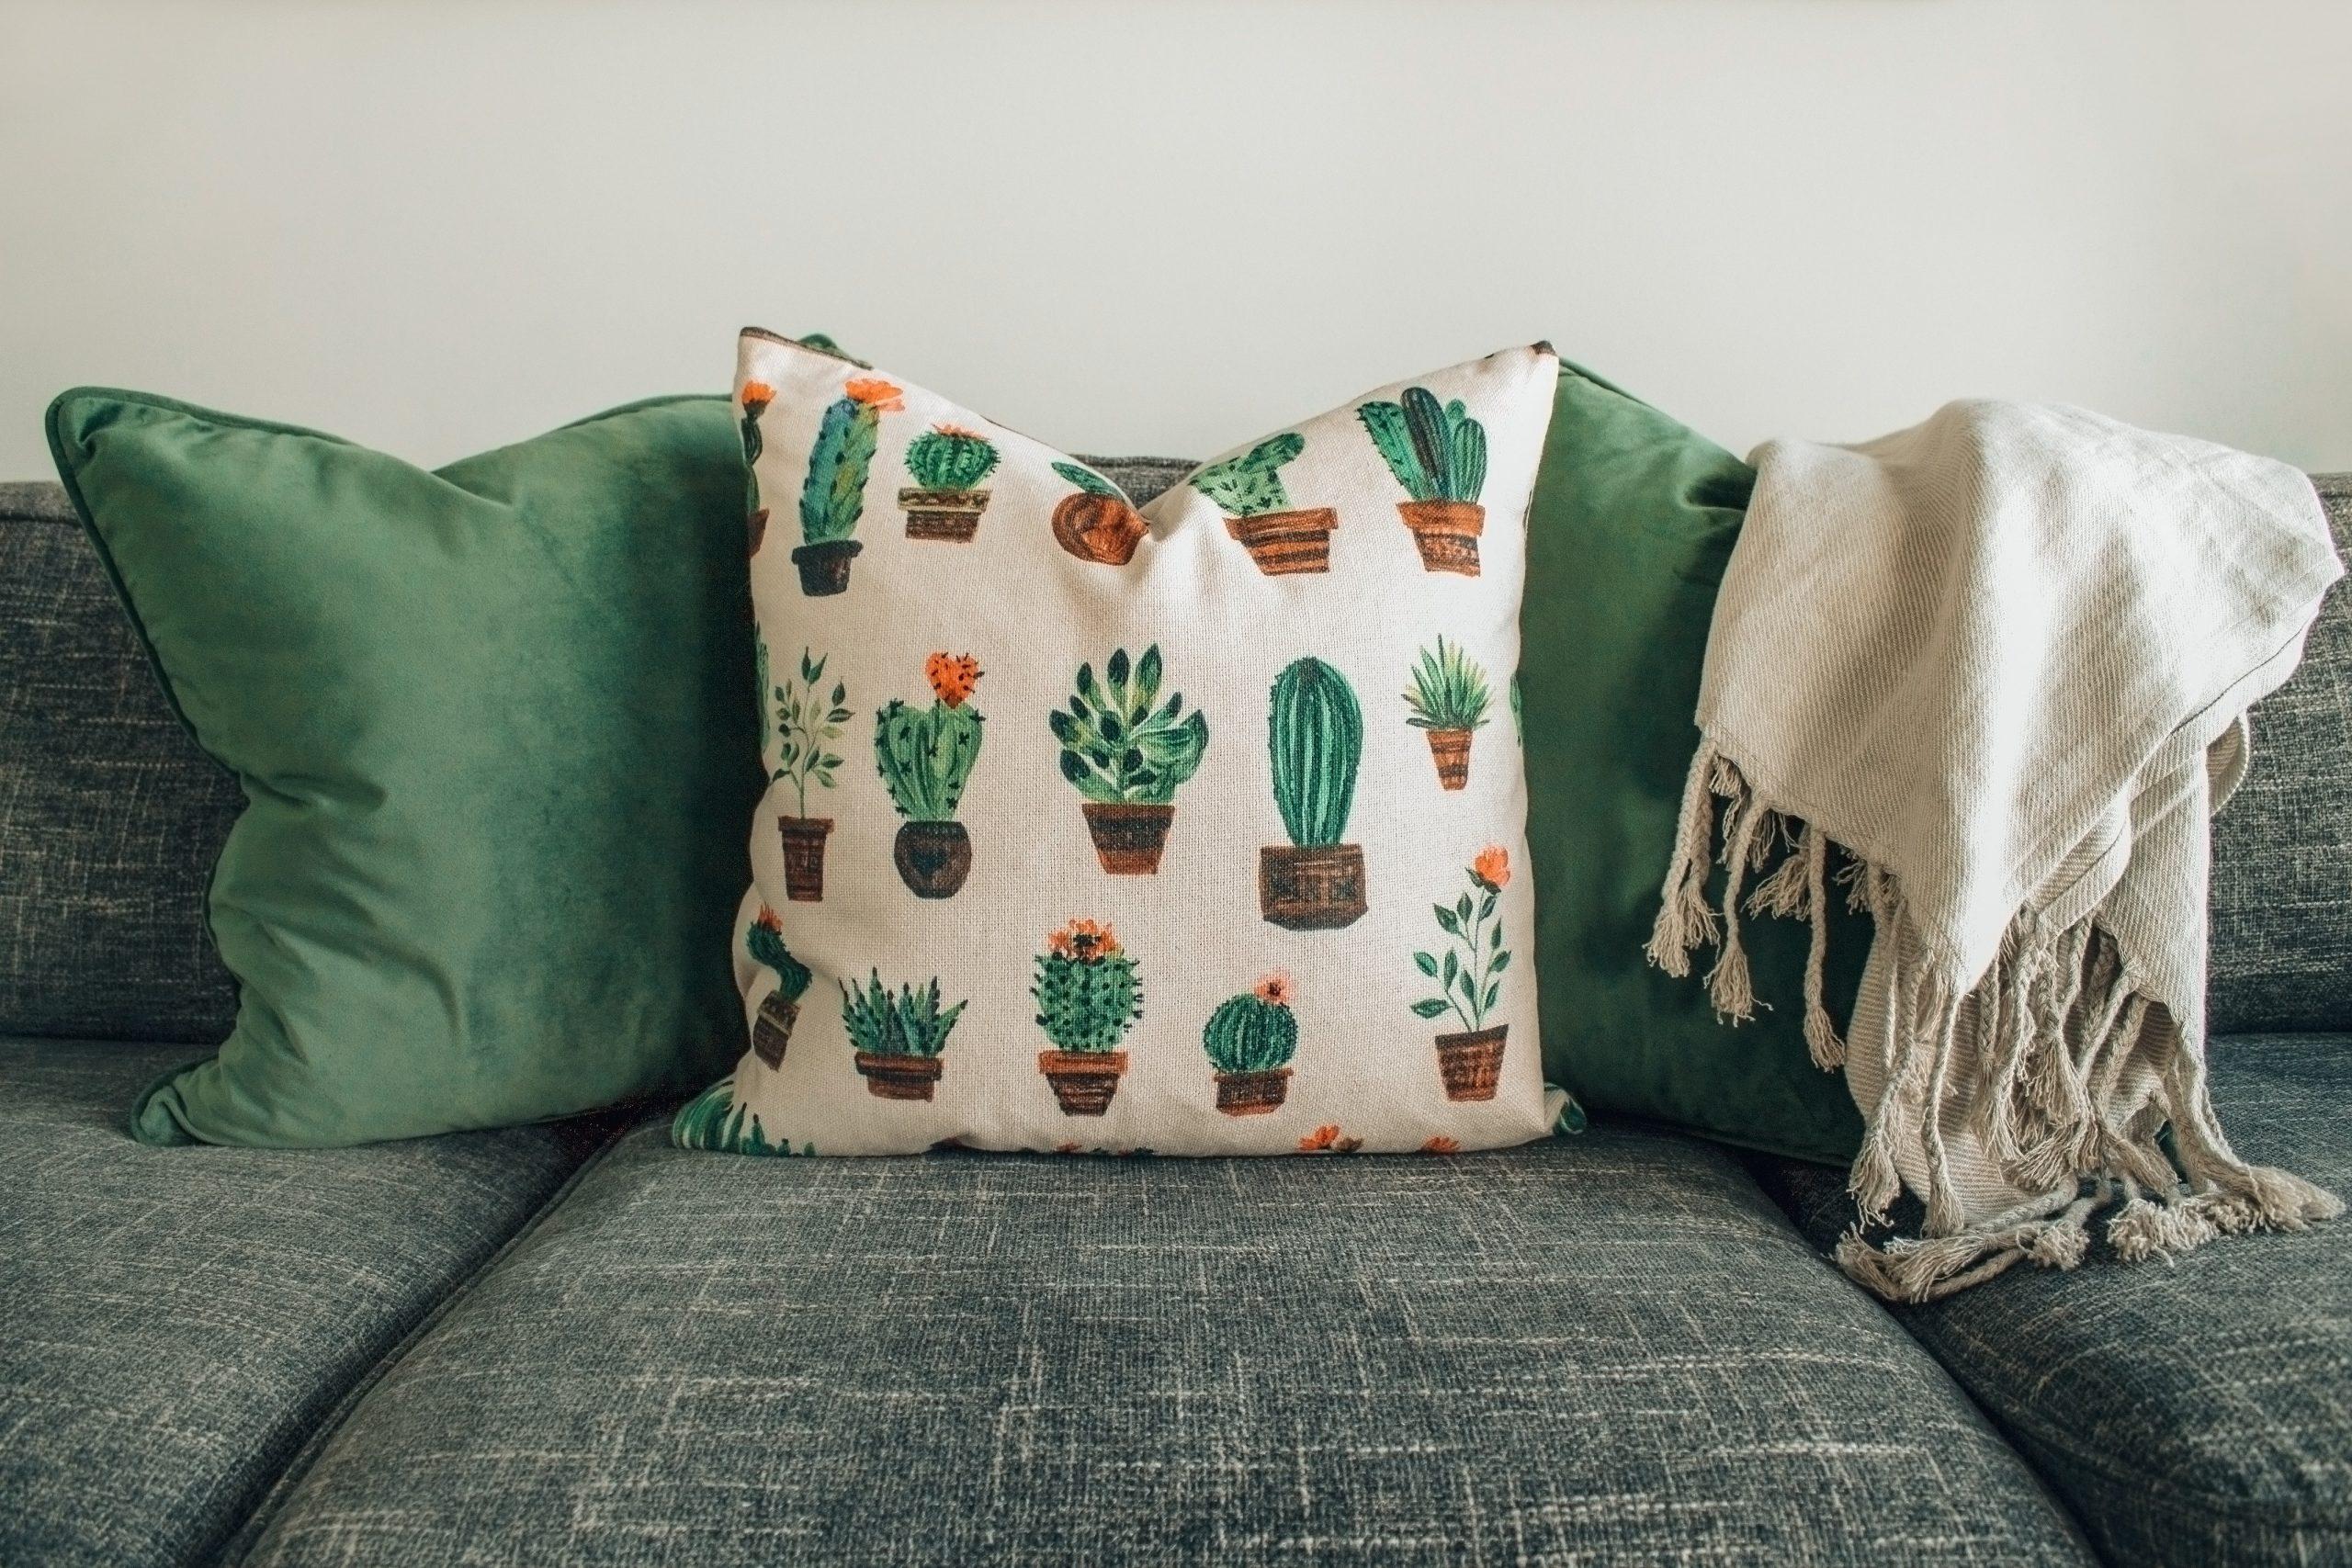 Foto de três almofadas, sendo que duas são verdes e uma é branca com estampa de cactos. Junto delas, uma coberta bege levinha.